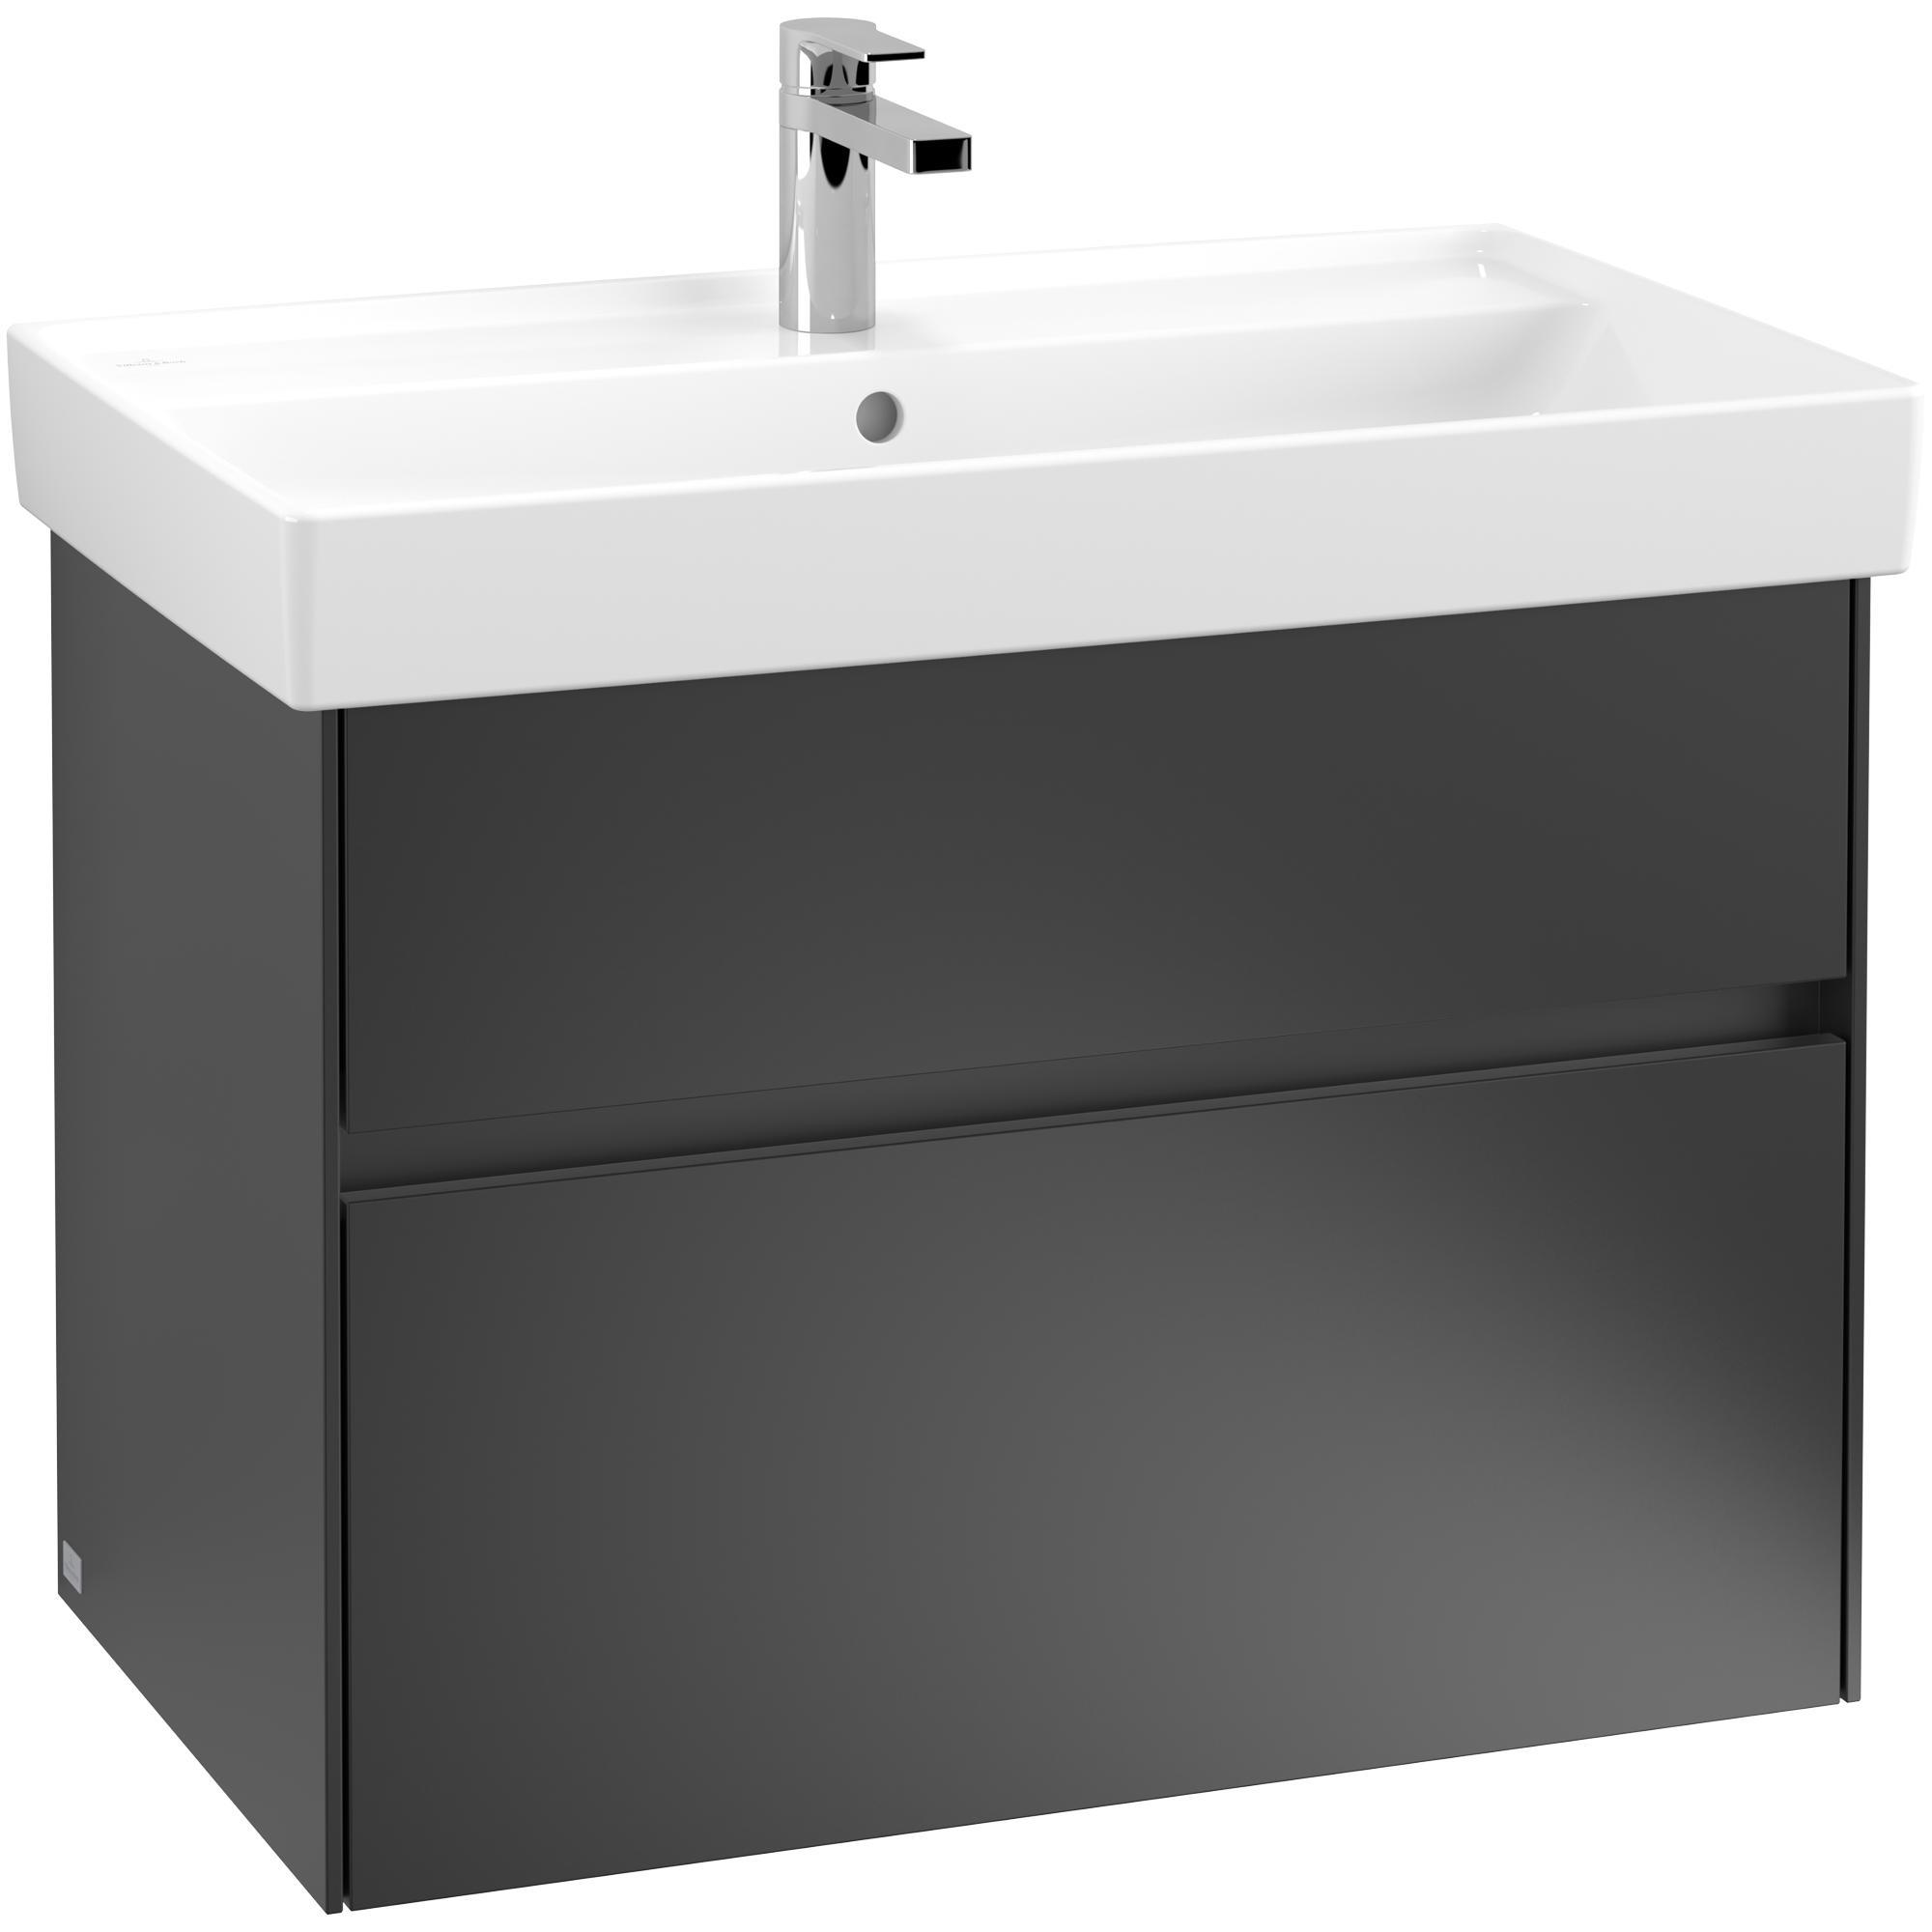 Tvättställsskåp Villeroy & Boch Collaro med 2 Lådor för Inbyggt Skåpstvättställ